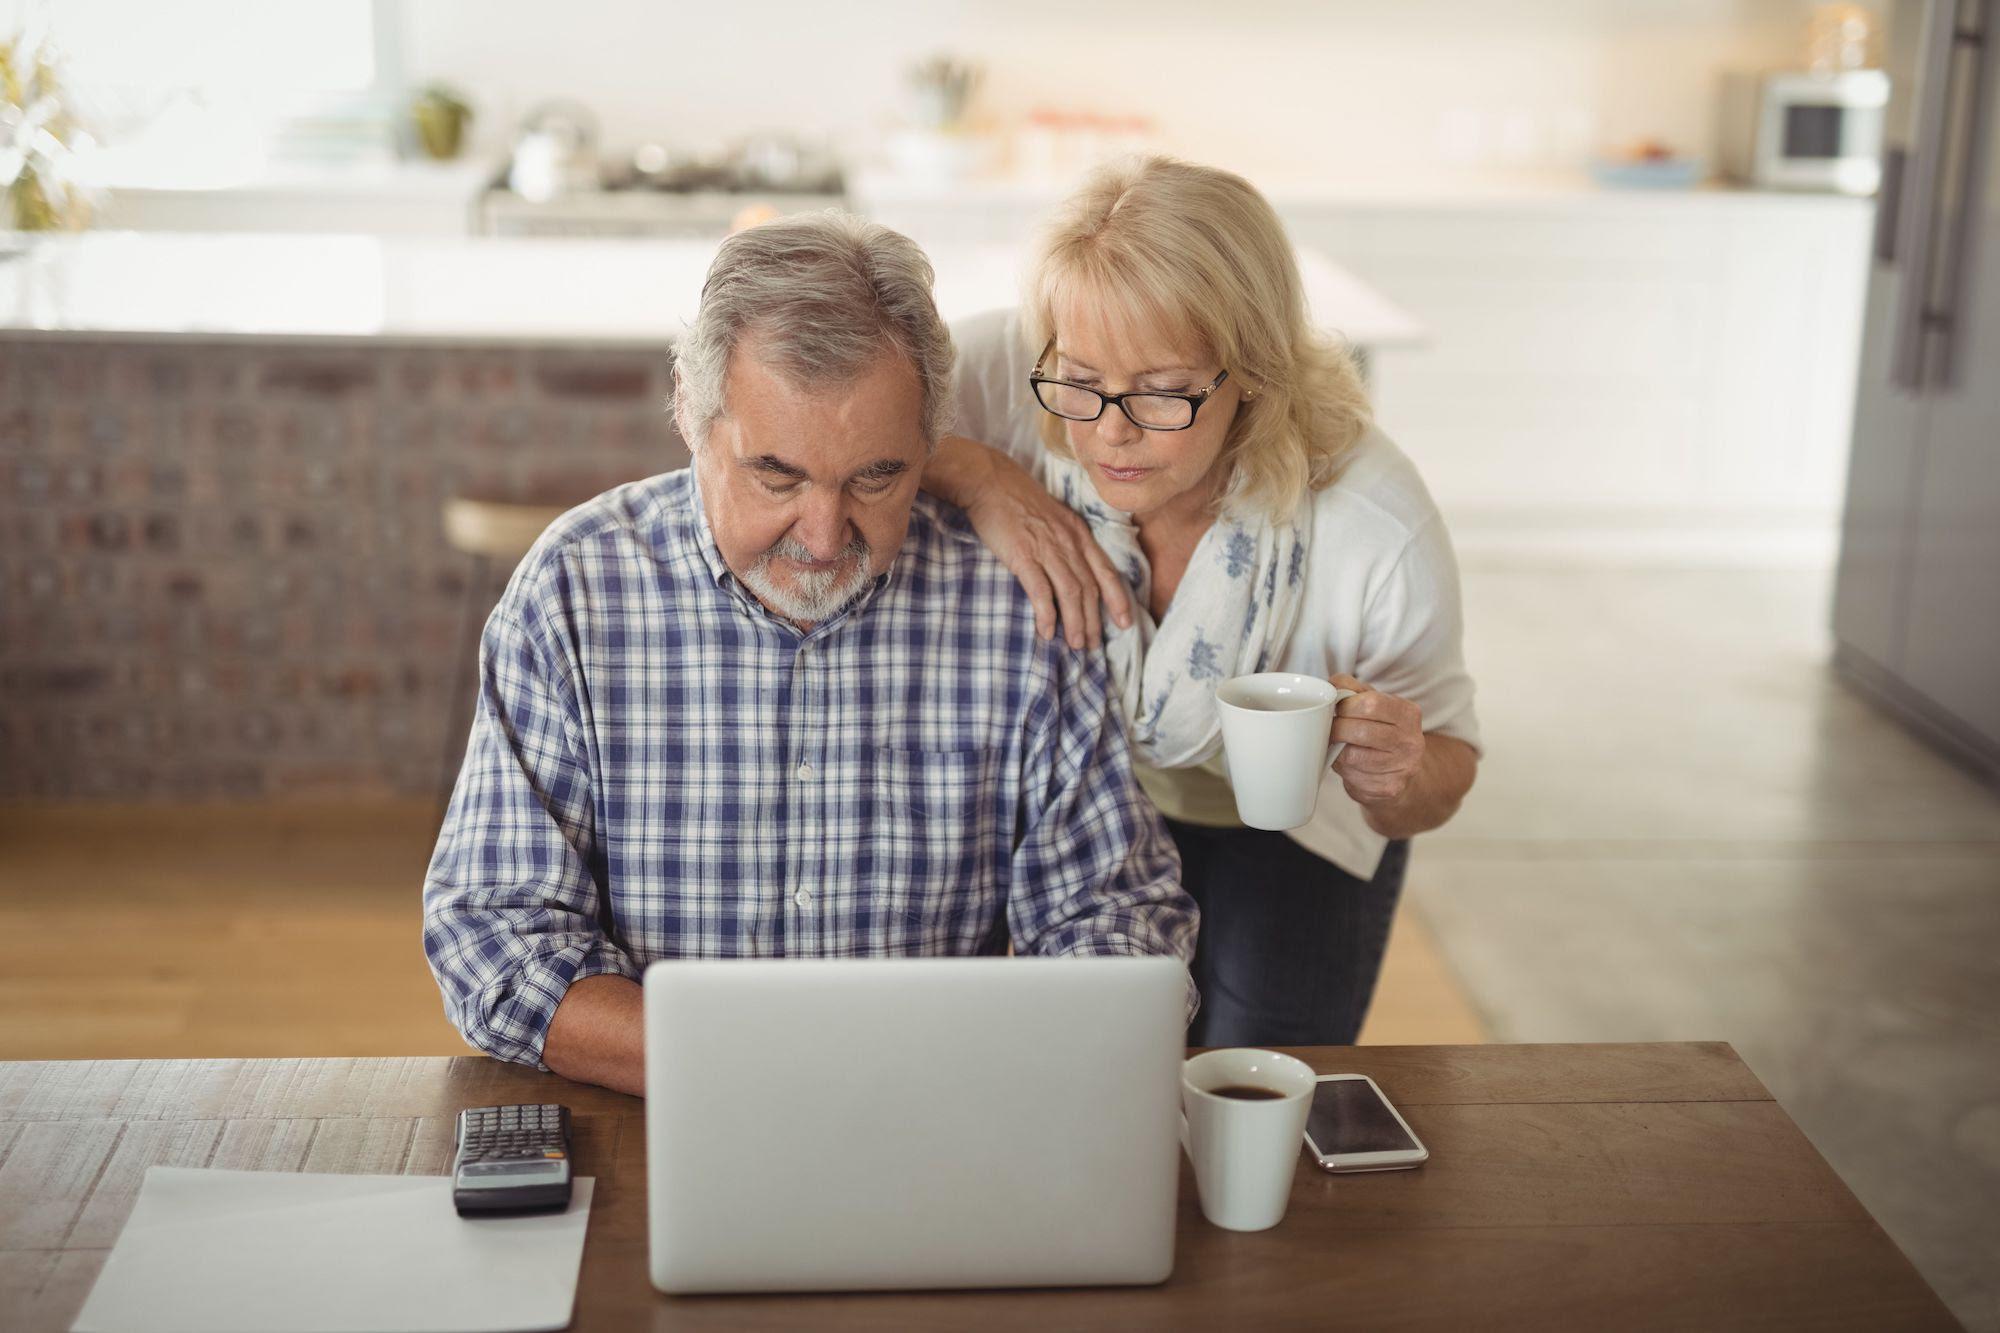 pikwizard-senior-couple-using-laptop (1).jpg